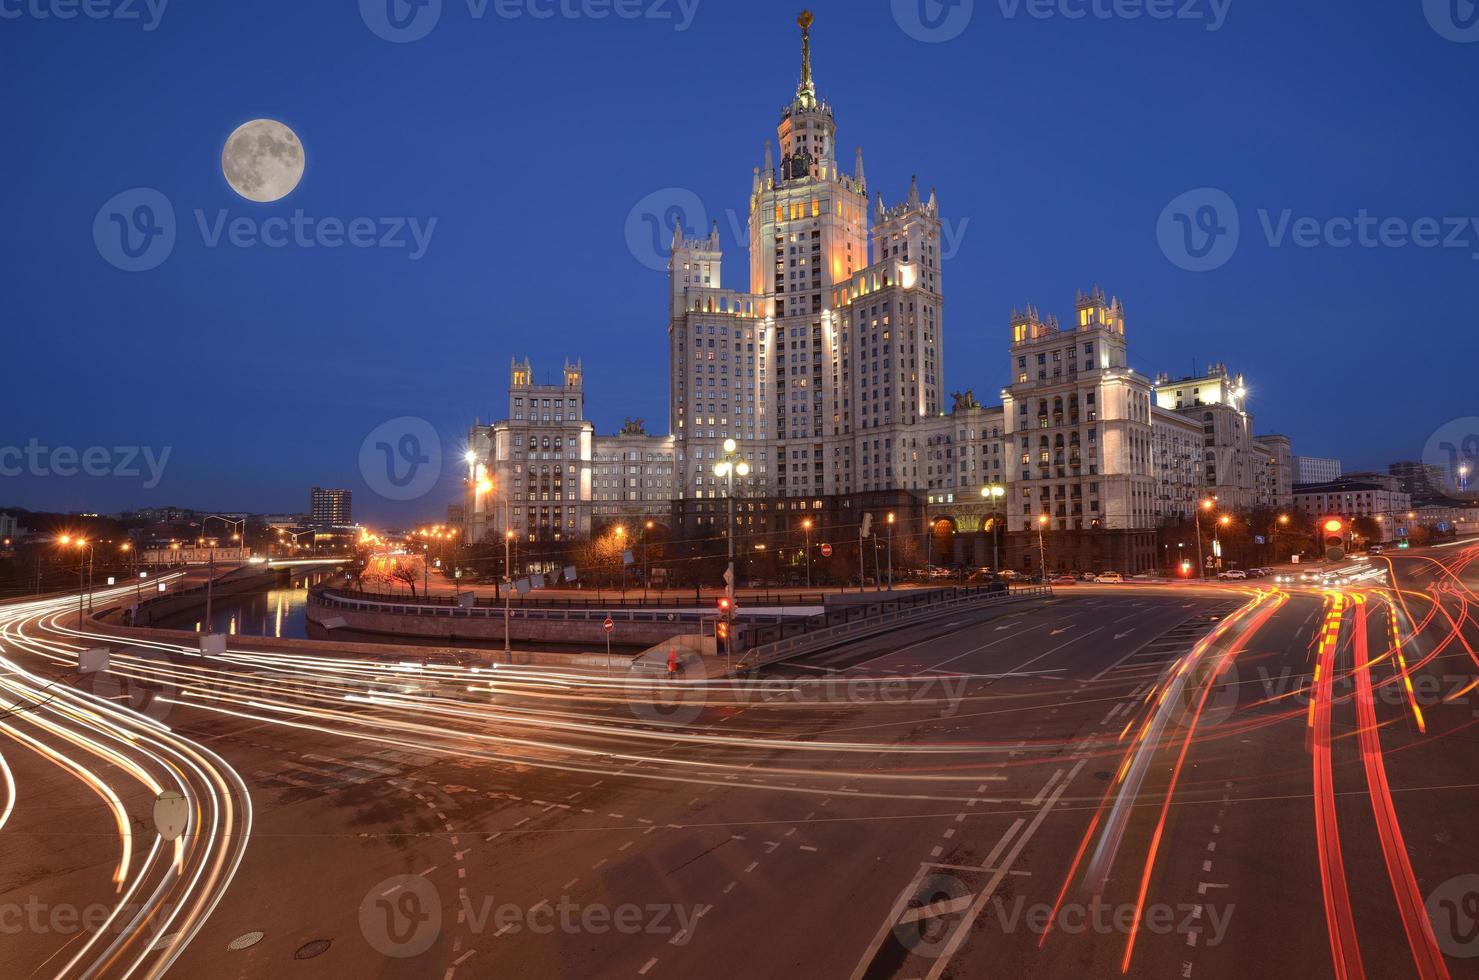 gator vid floden i Moskva historiska centrum. foto